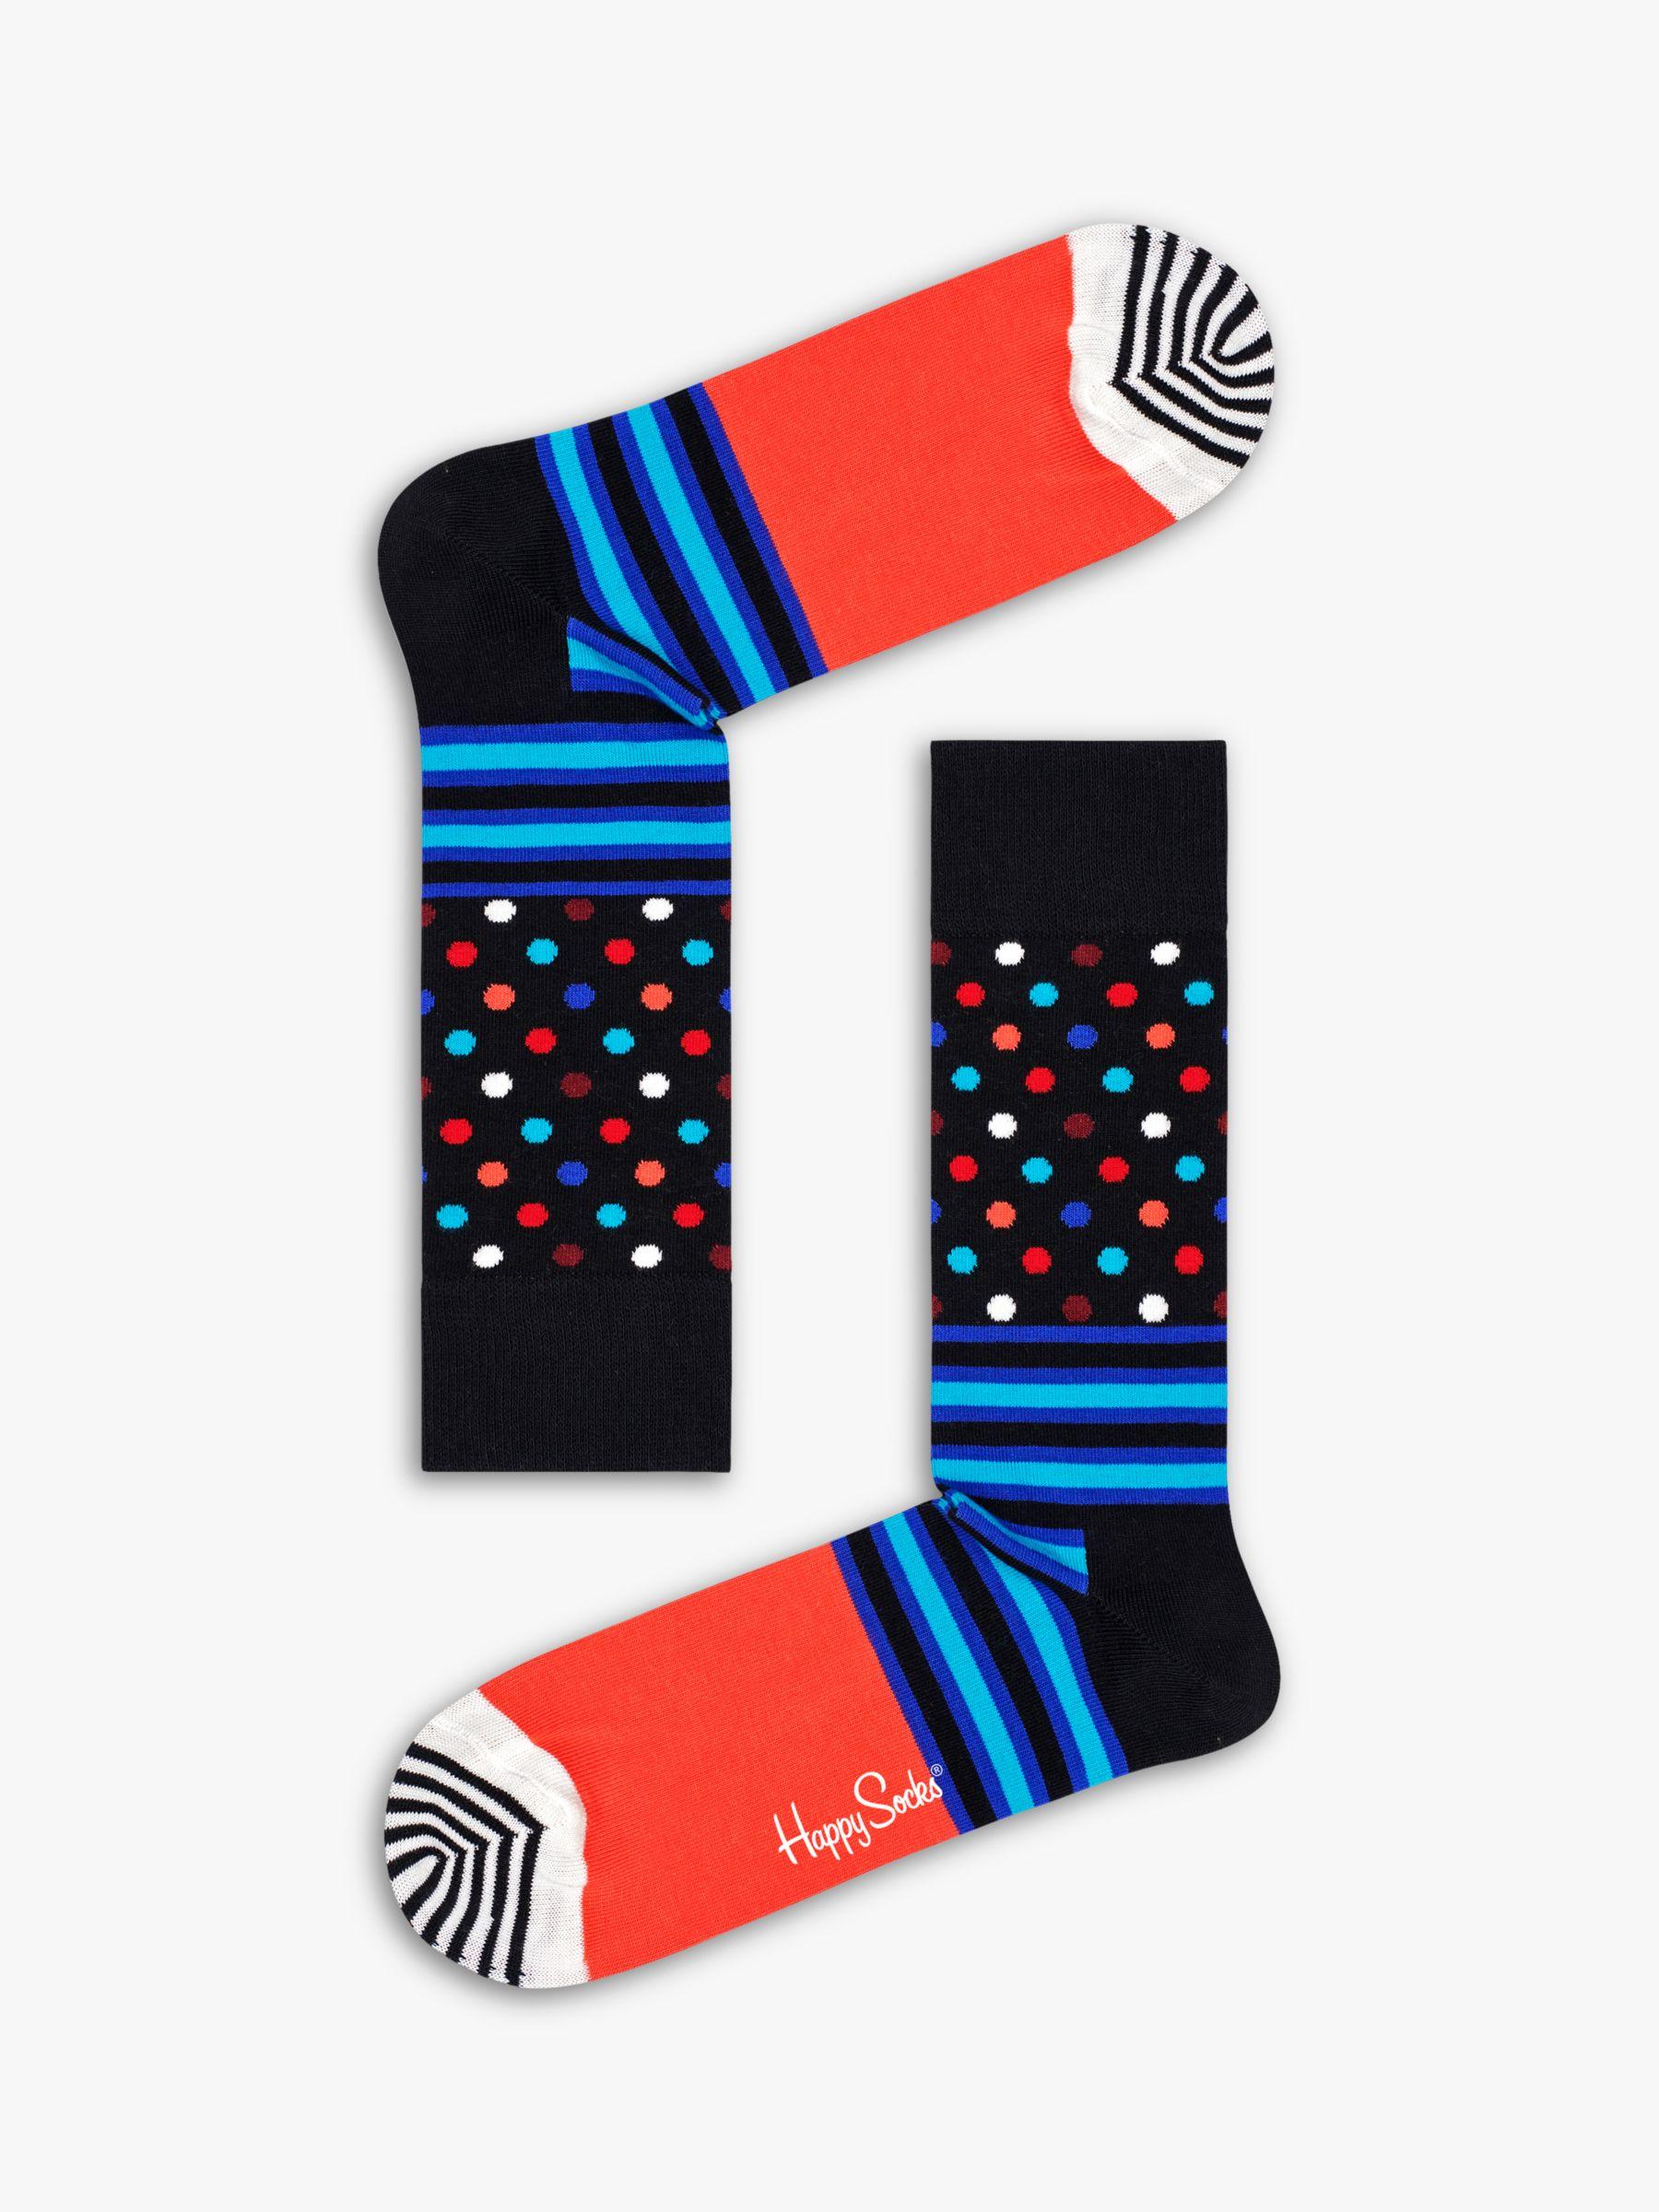 Happy Socks Happy Socks Stripes And Dots Socks, One Size, Black/Orange